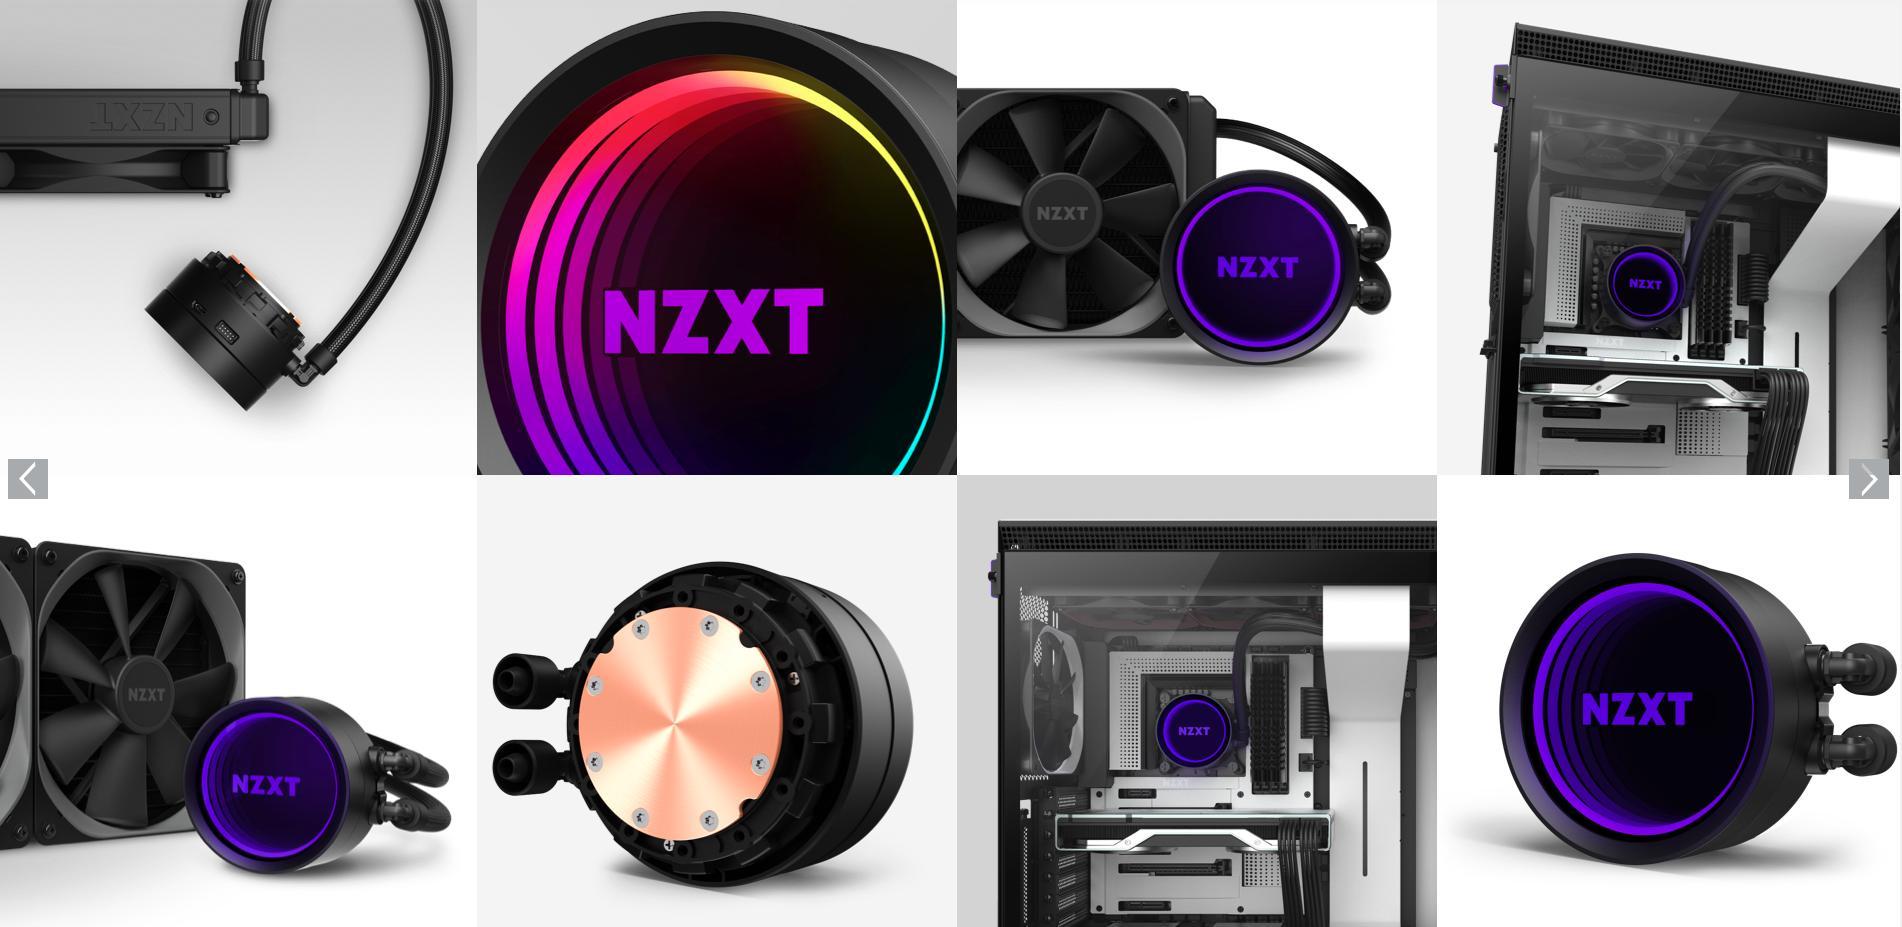 Tản nhiệt nước CPU NZXT Kraken X53 - Thắp sáng cỗ máy theo cách của bạn